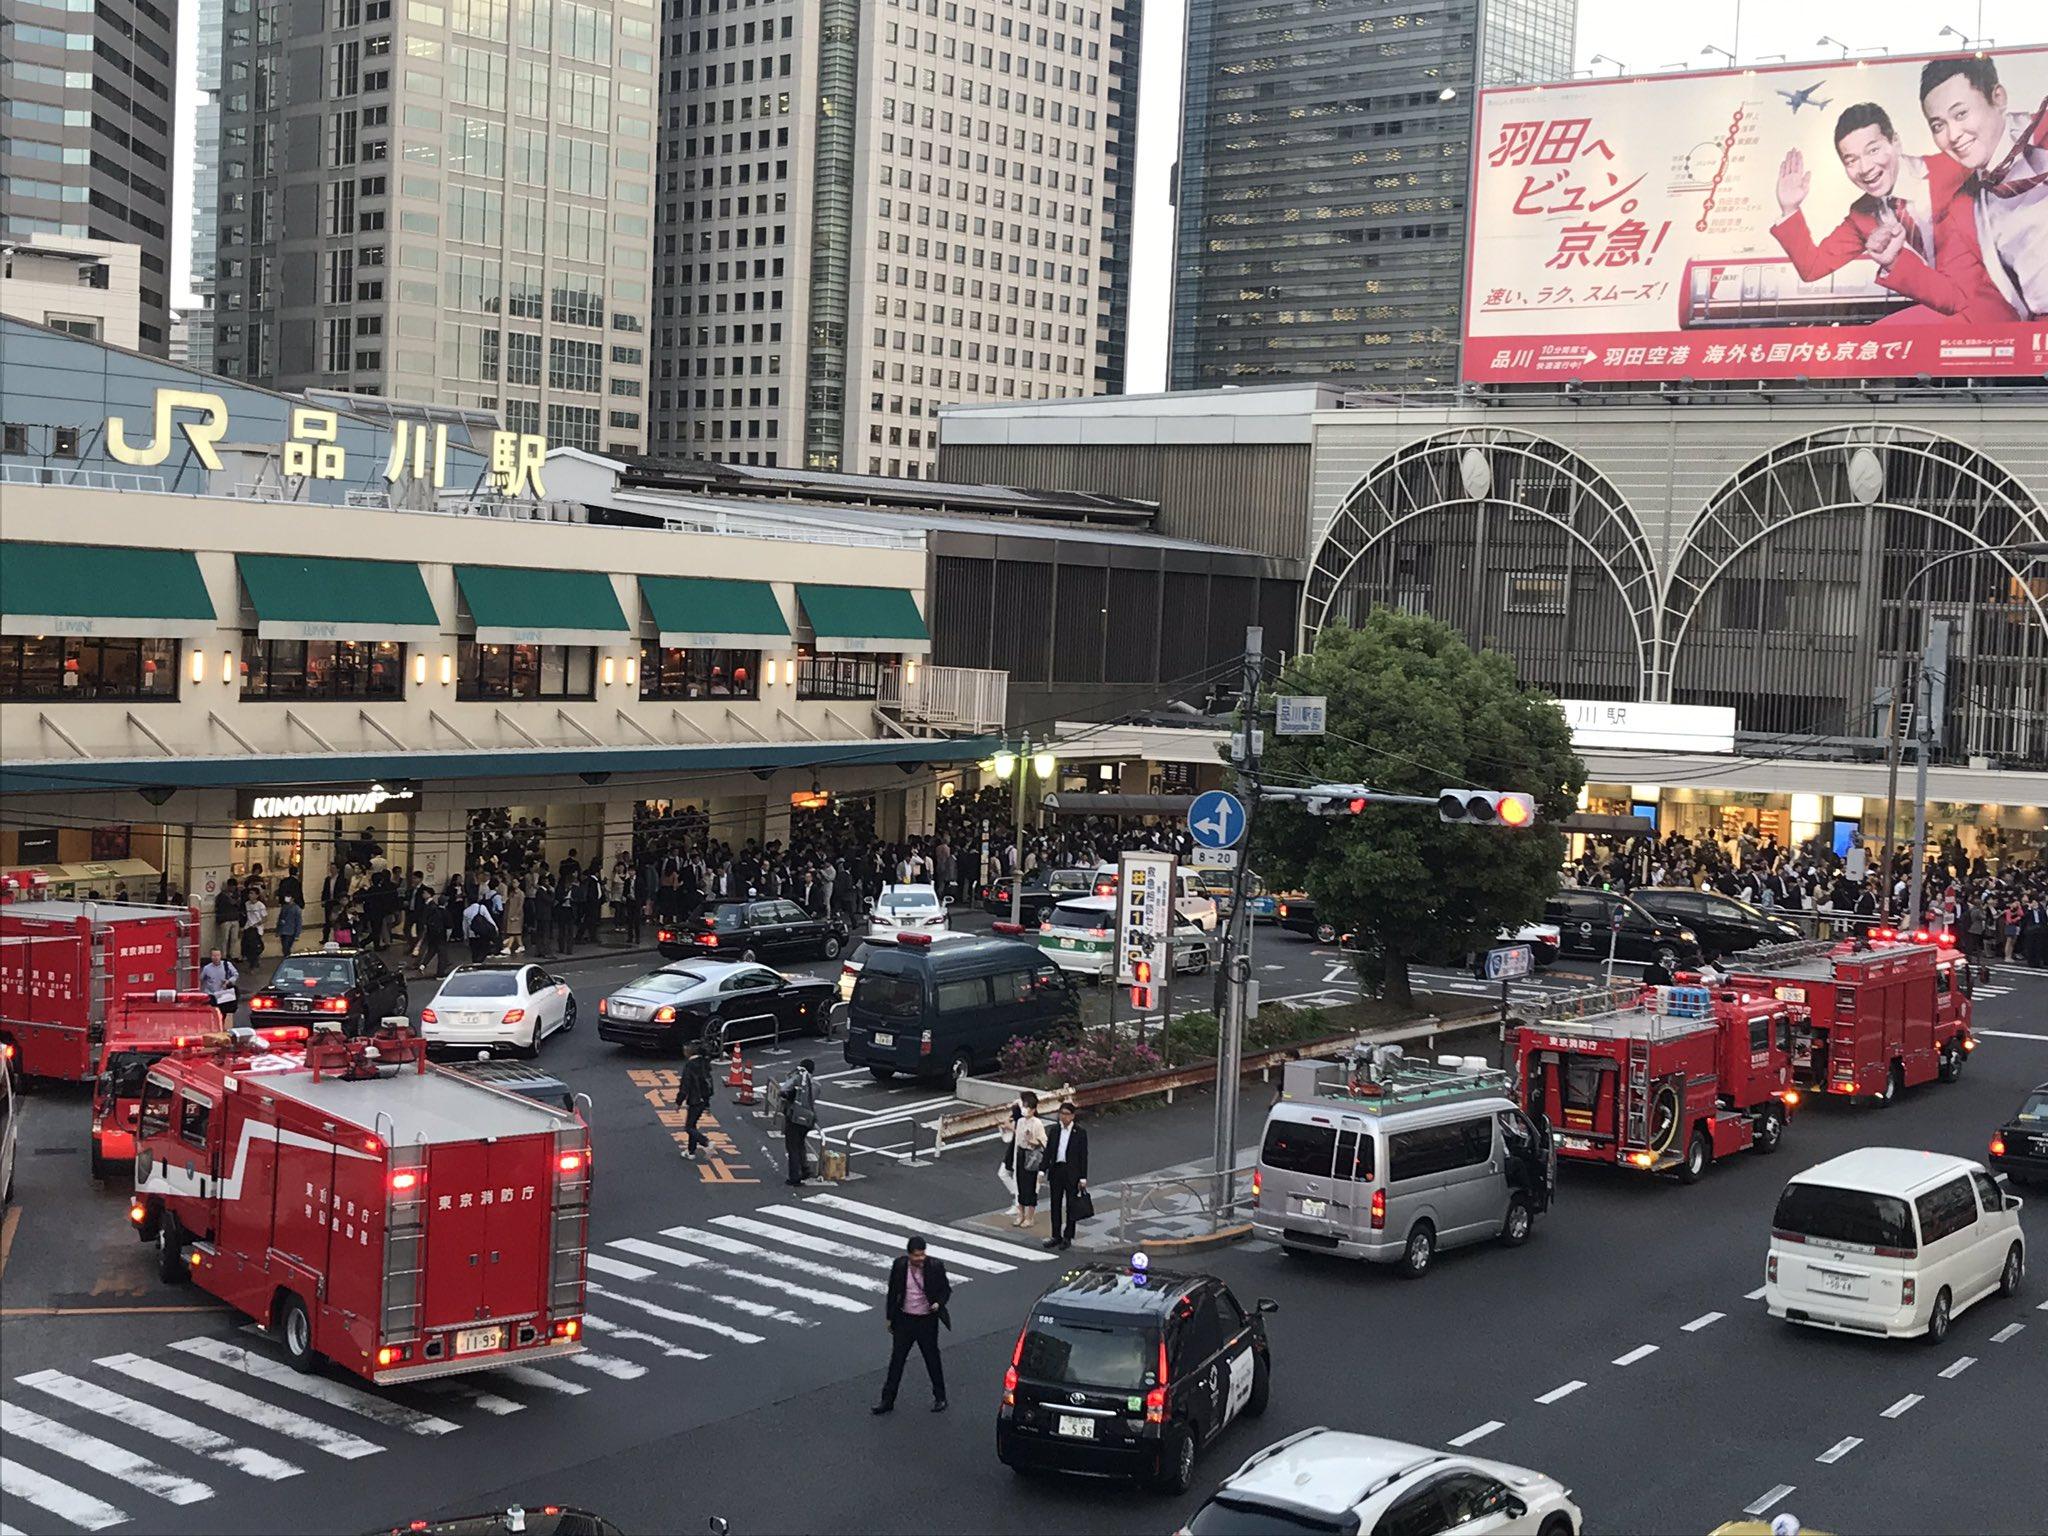 画像,品川駅やばい帰れない飲むしかない https://t.co/bJoawLvqQd。